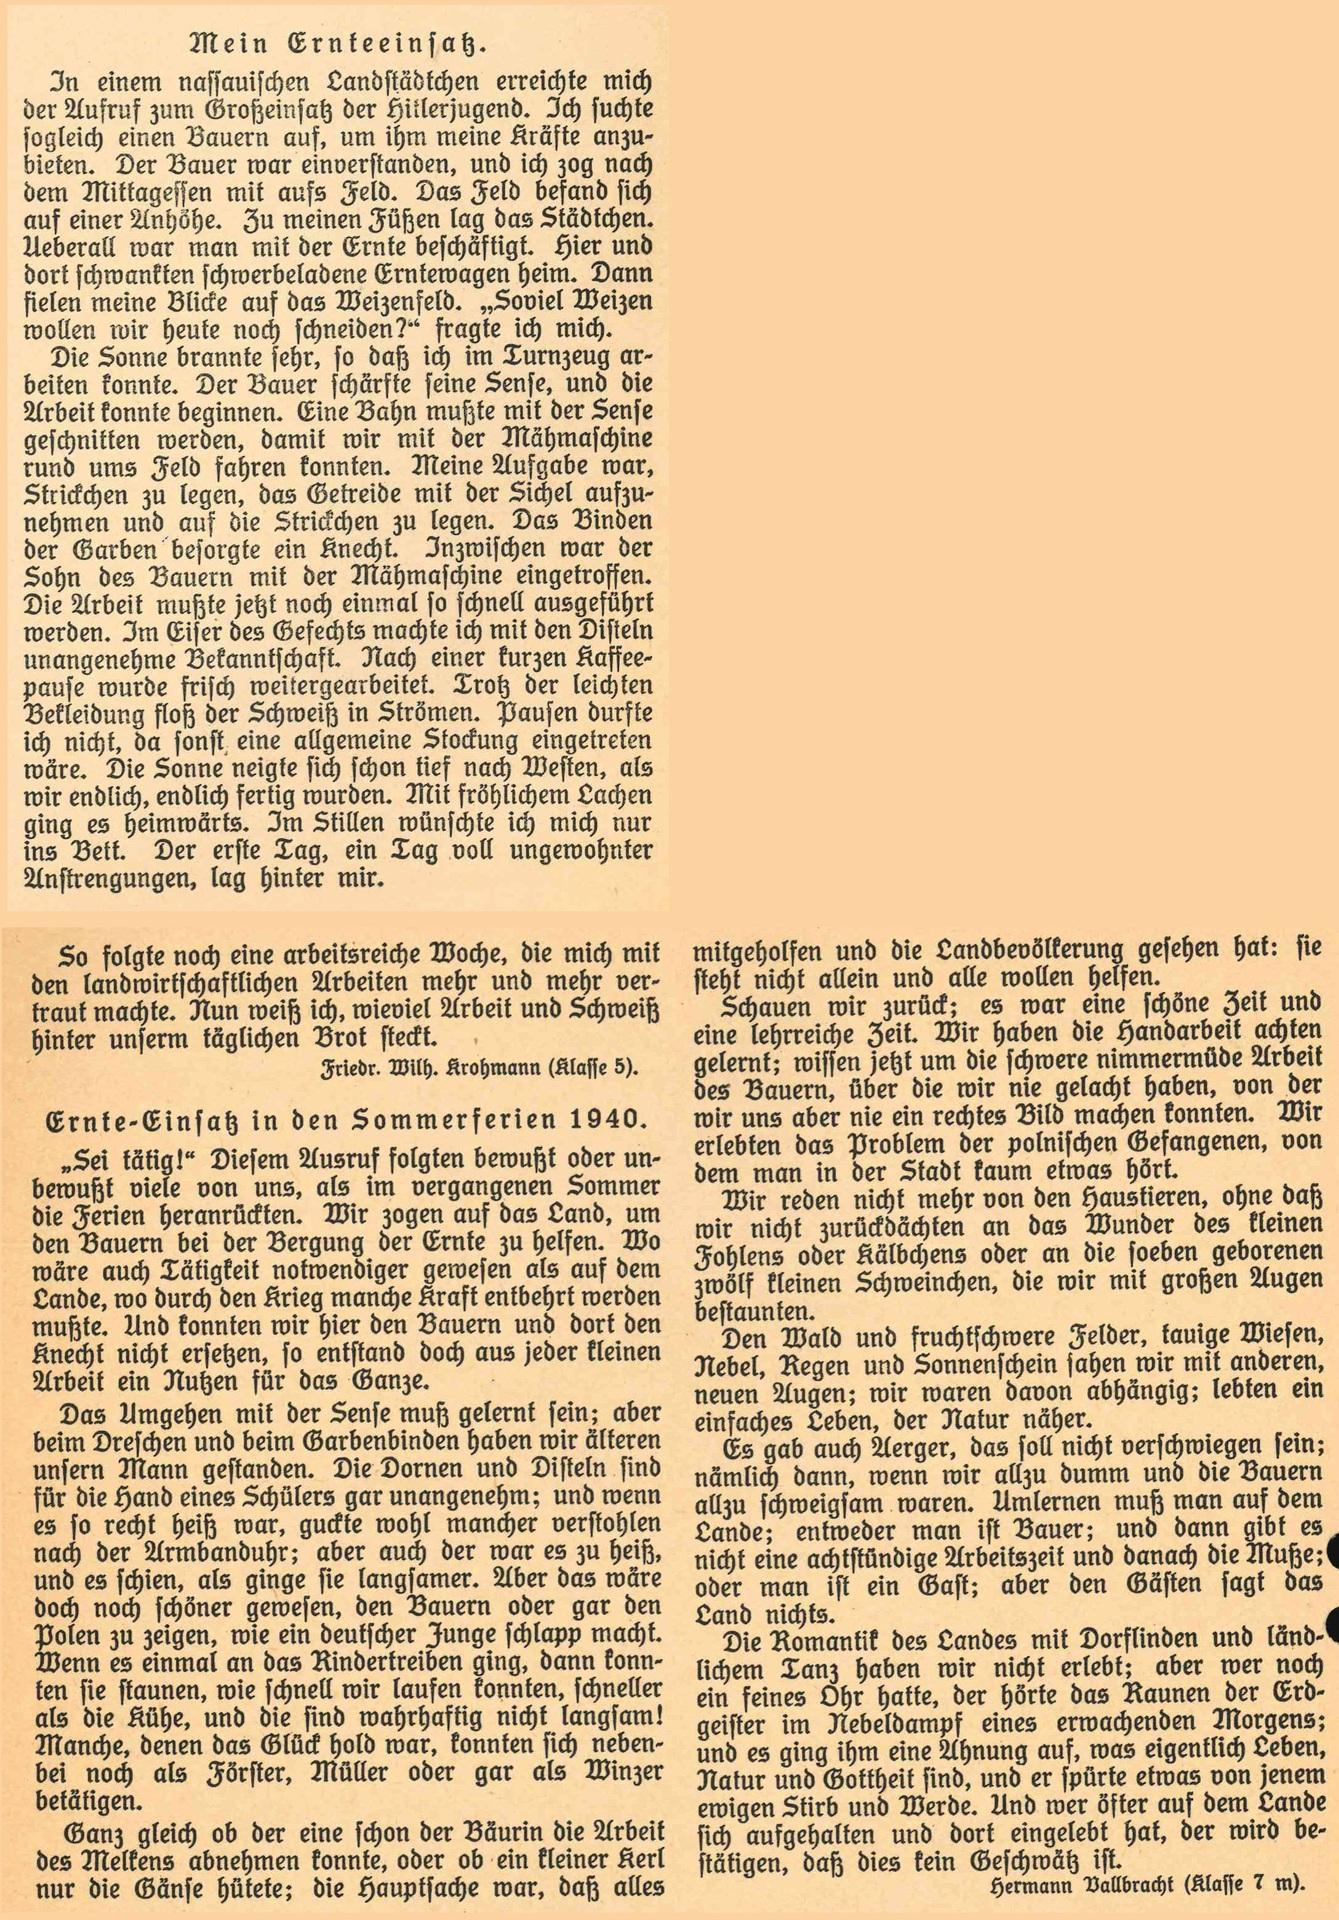 StA Al Blätter der Oberschule Dez 1940_8_Ernteeinsatz_komplett.jpg